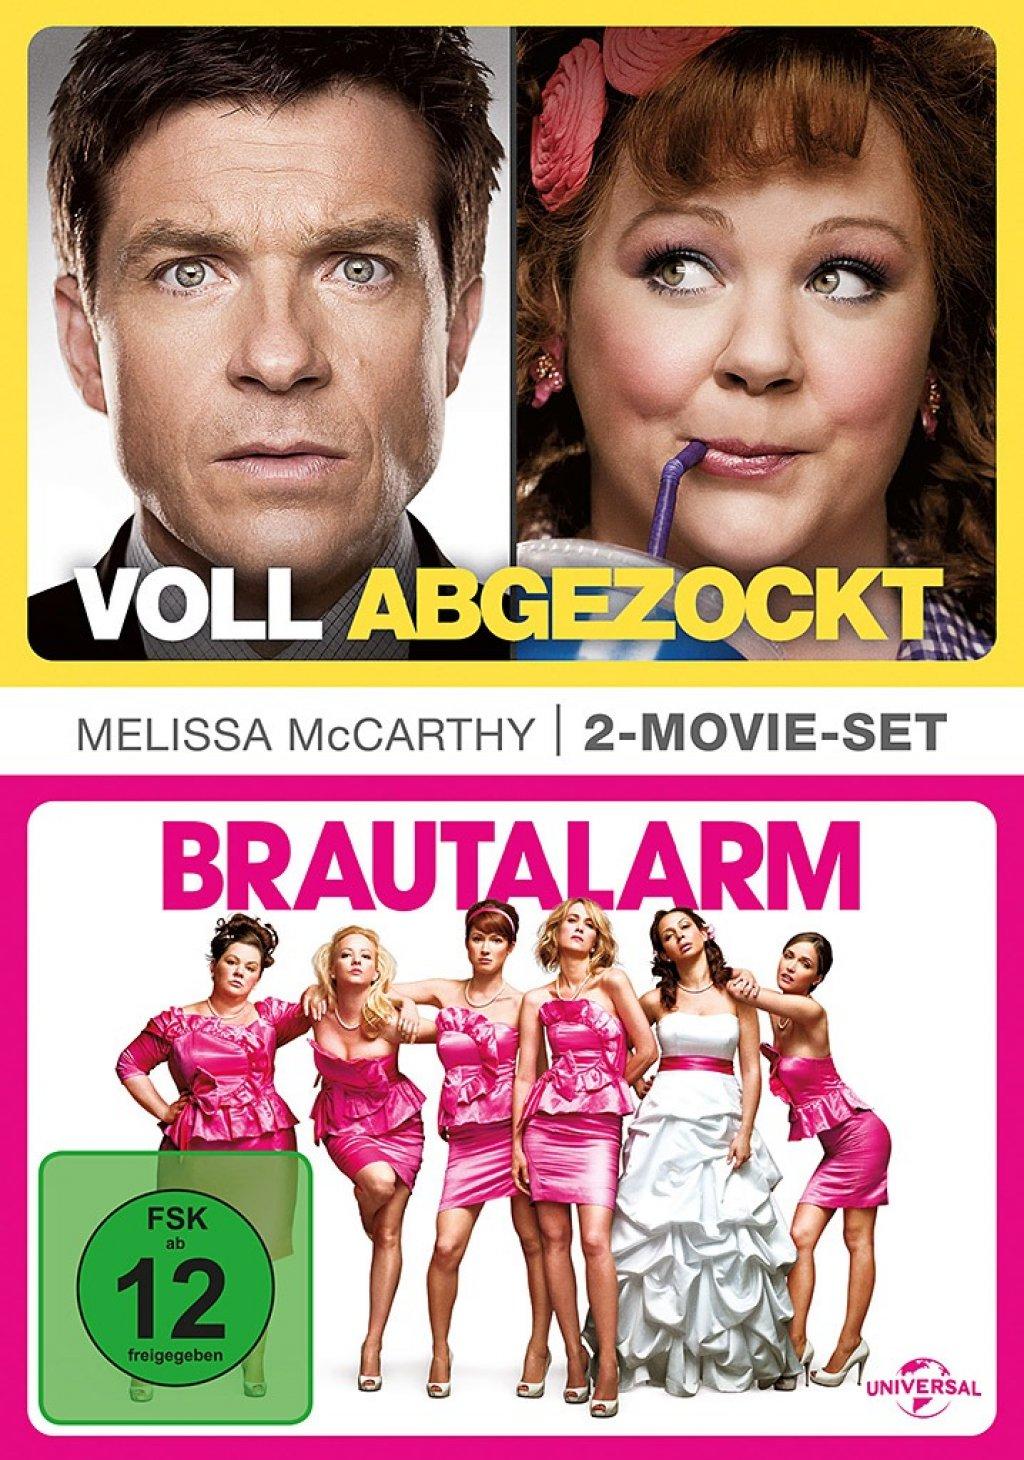 ᐅᐅ Filme Mit Melissa Mccarthy Erfahrungen 2018 Alle Top